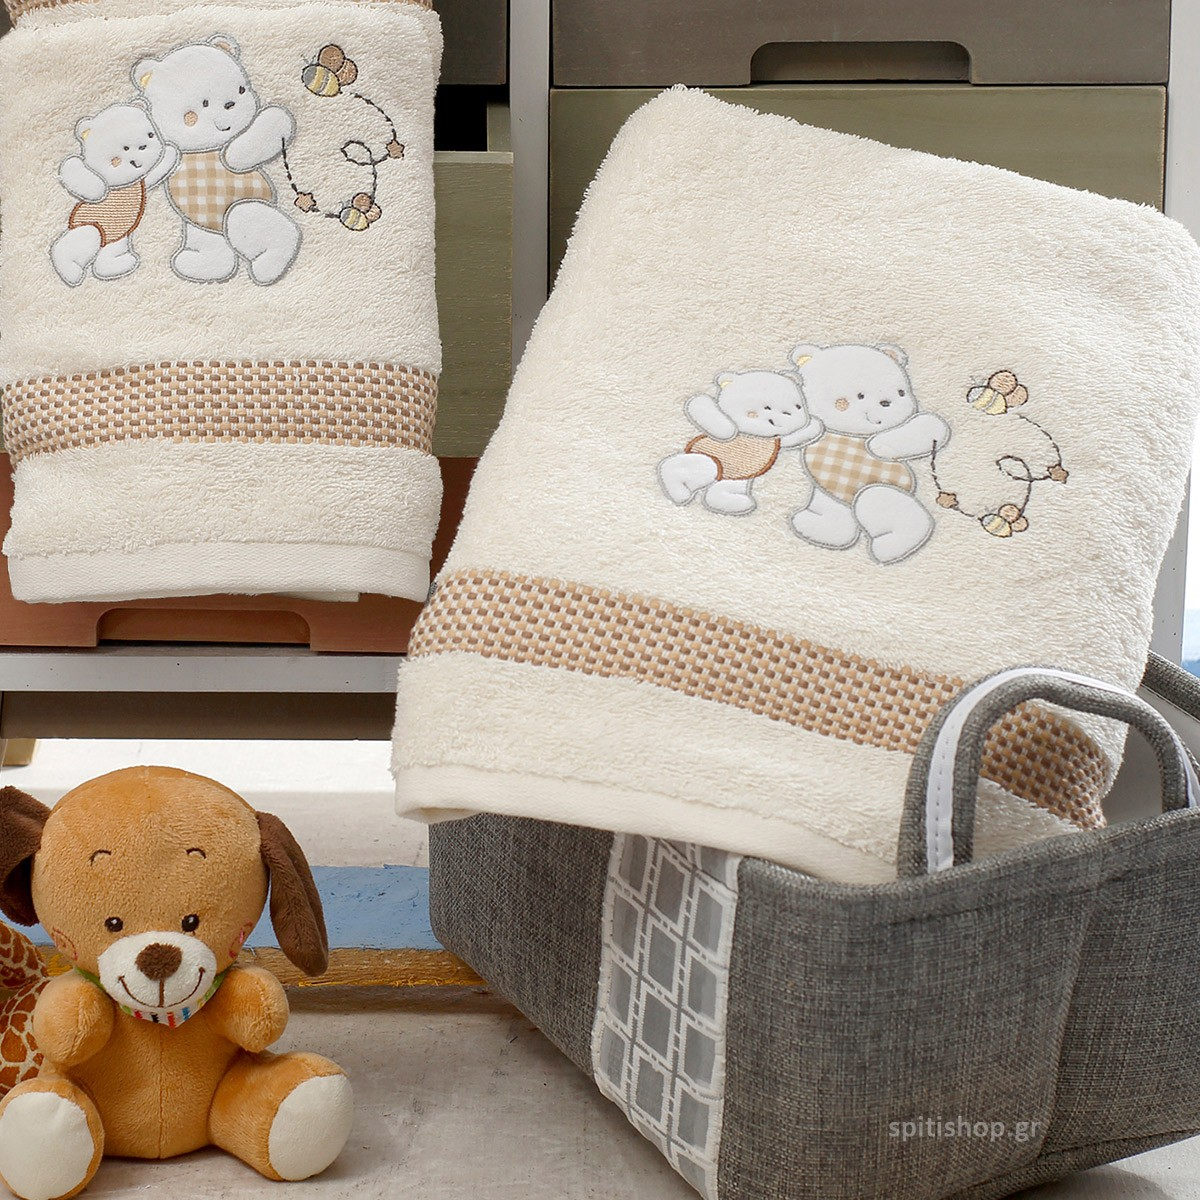 Βρεφικές Πετσέτες (Σετ 2τμχ) Sb Home Teddy Bear Cream